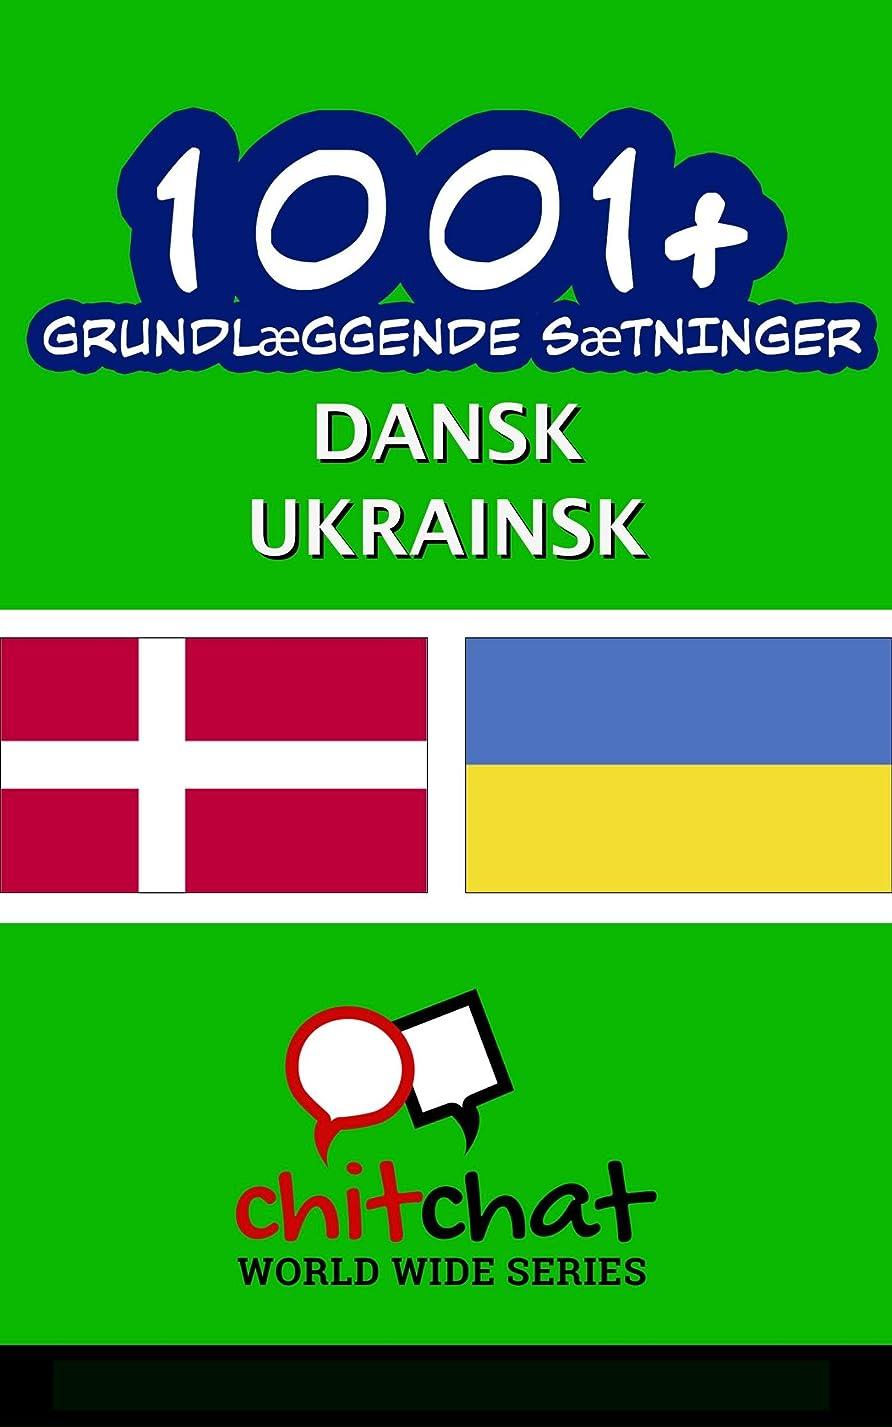 キネマティクススカーフに話す1001+ grundl?ggende s?tninger dansk - Ukrainsk (Danish Edition)